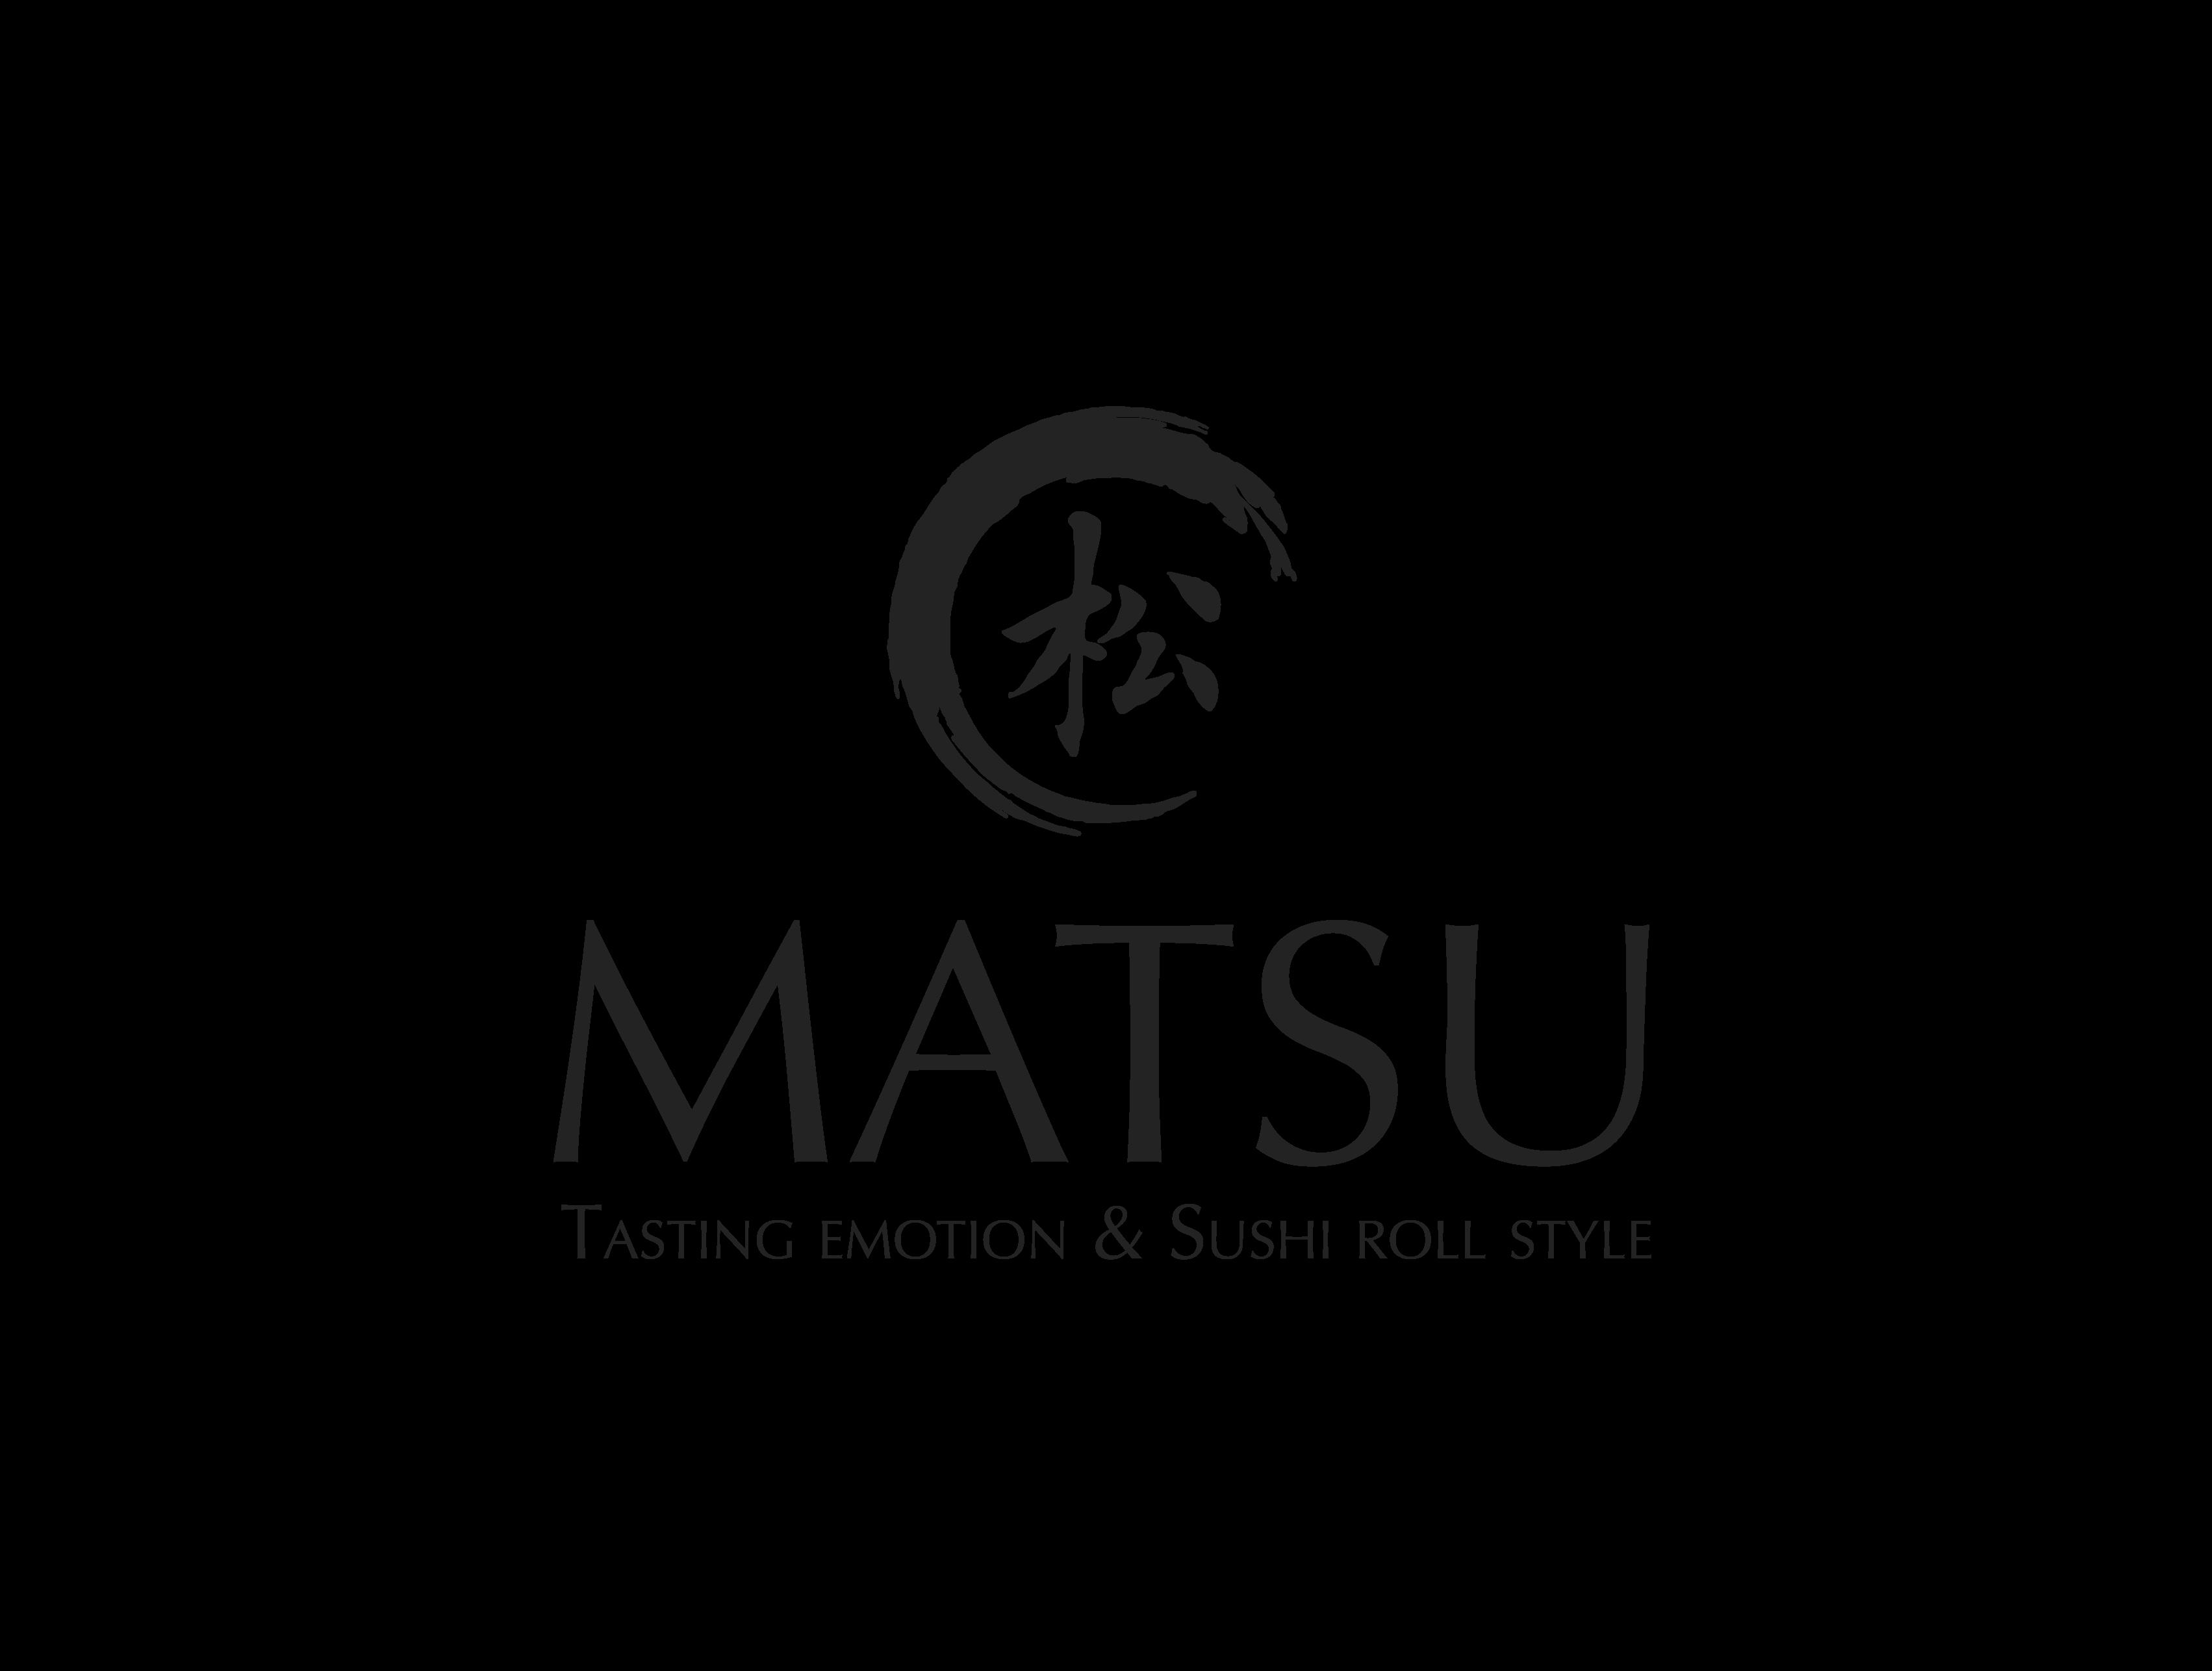 logo matsu